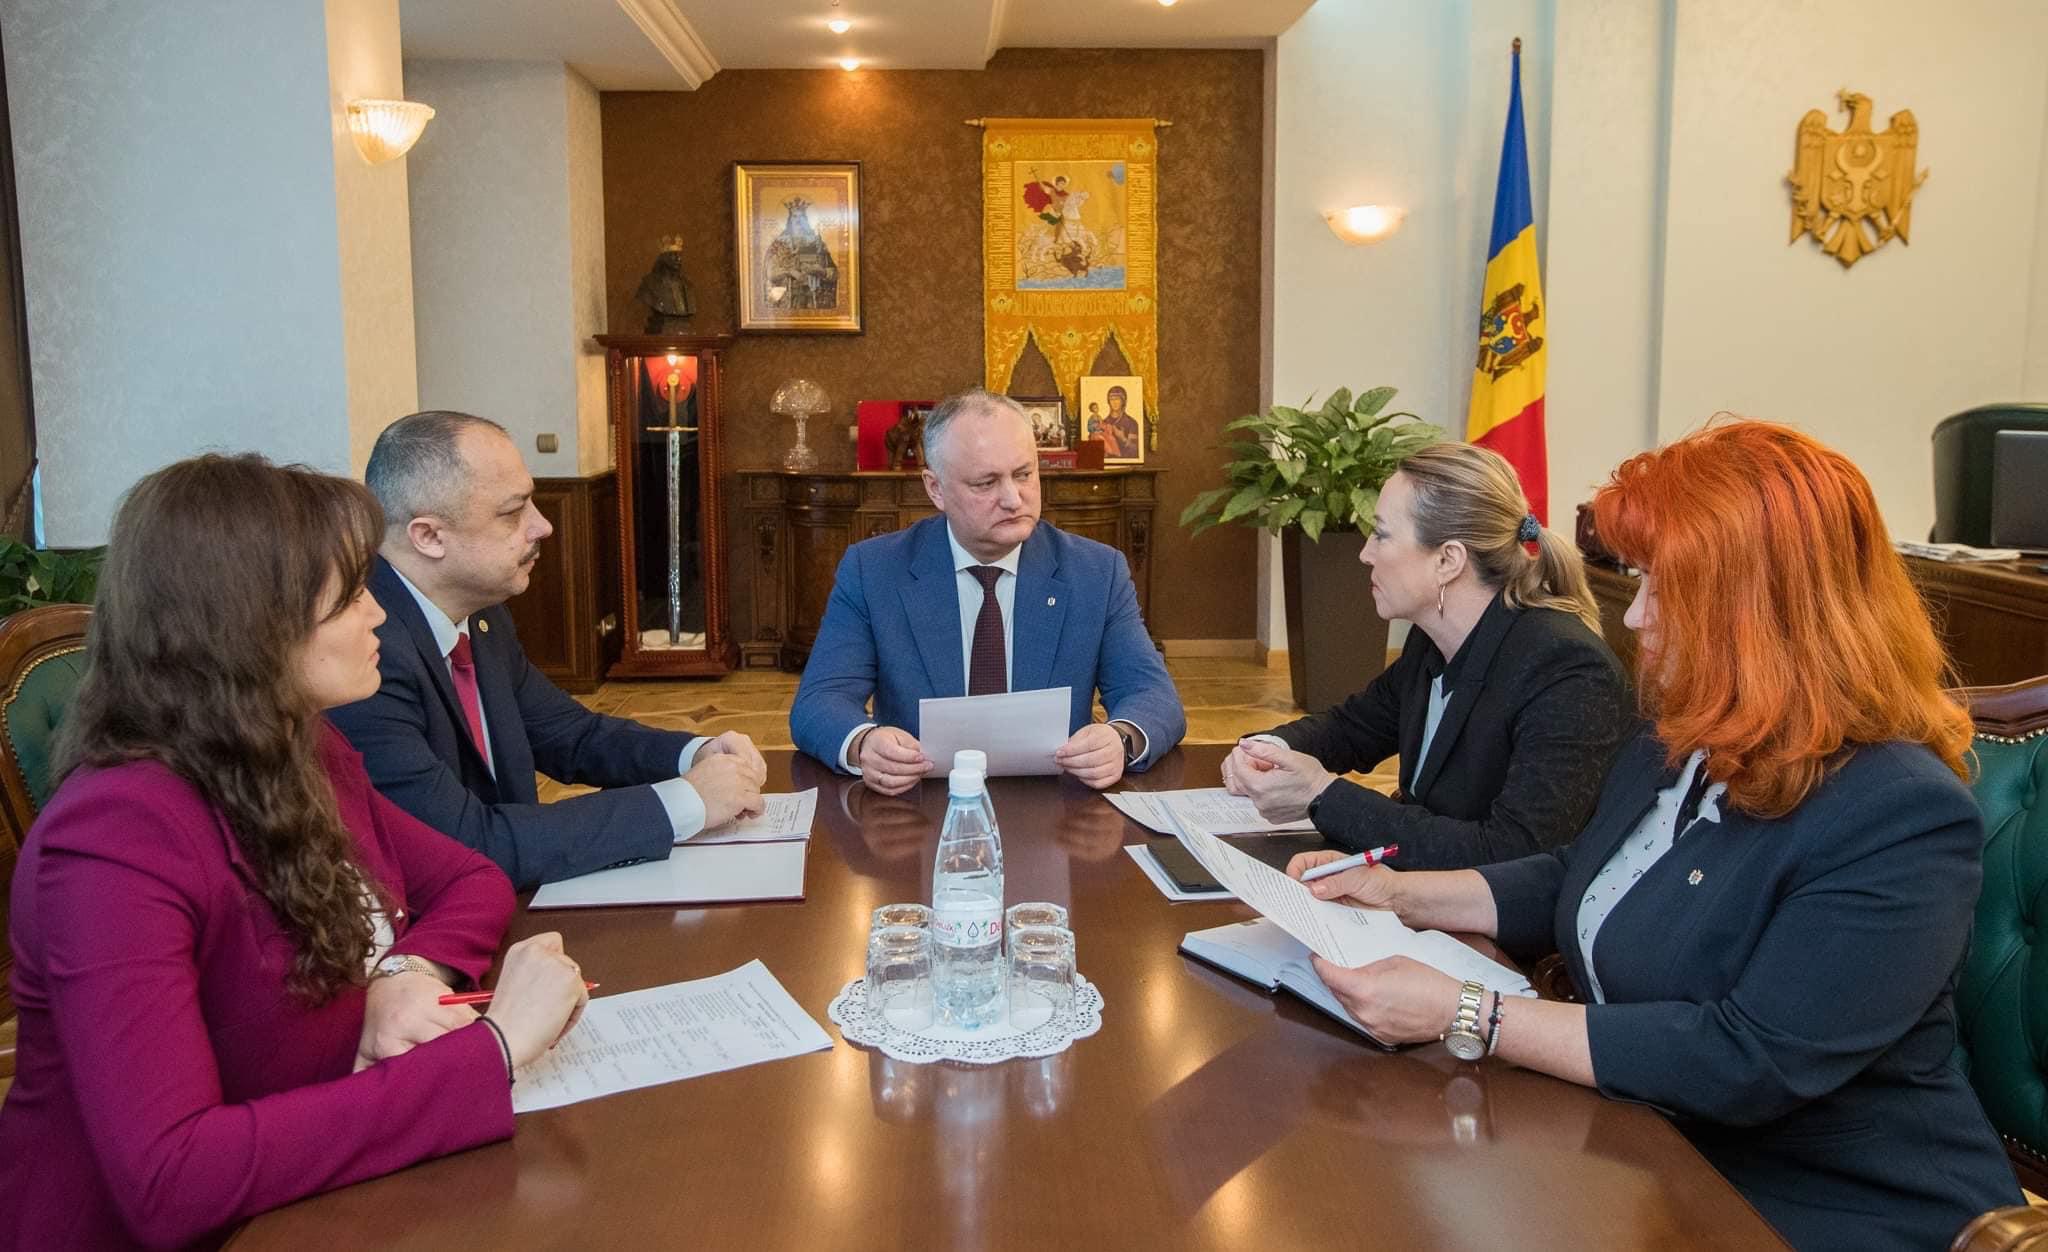 При поддержке президента пройдут юбилейные концерты «Жока» в Молдове и за рубежом (ФОТО, ВИДЕО)